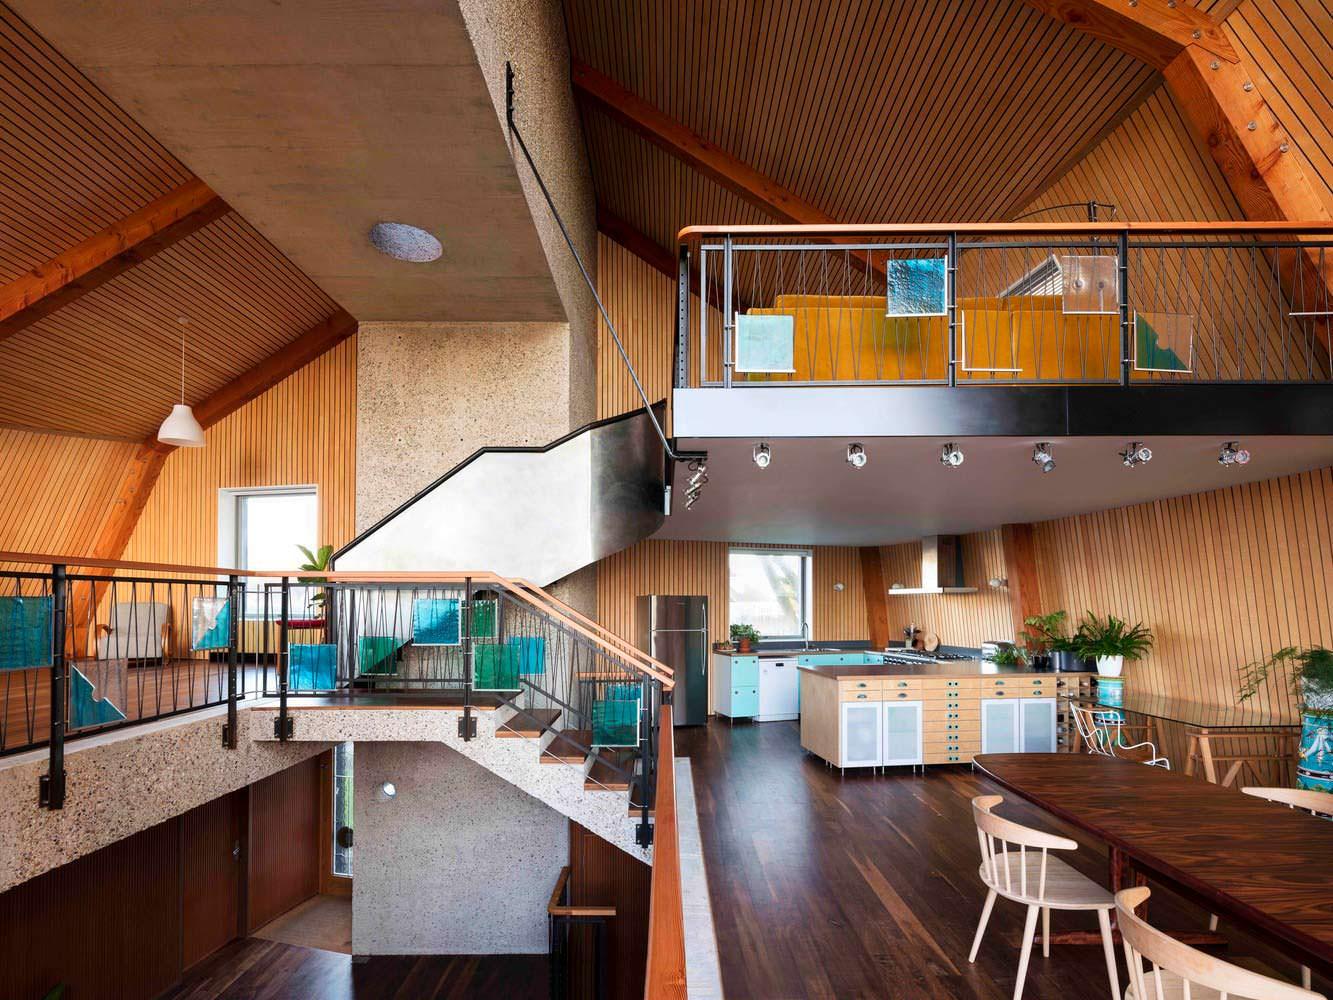 Дизайн кухни-столовой в открытой планировке от Mole Architects